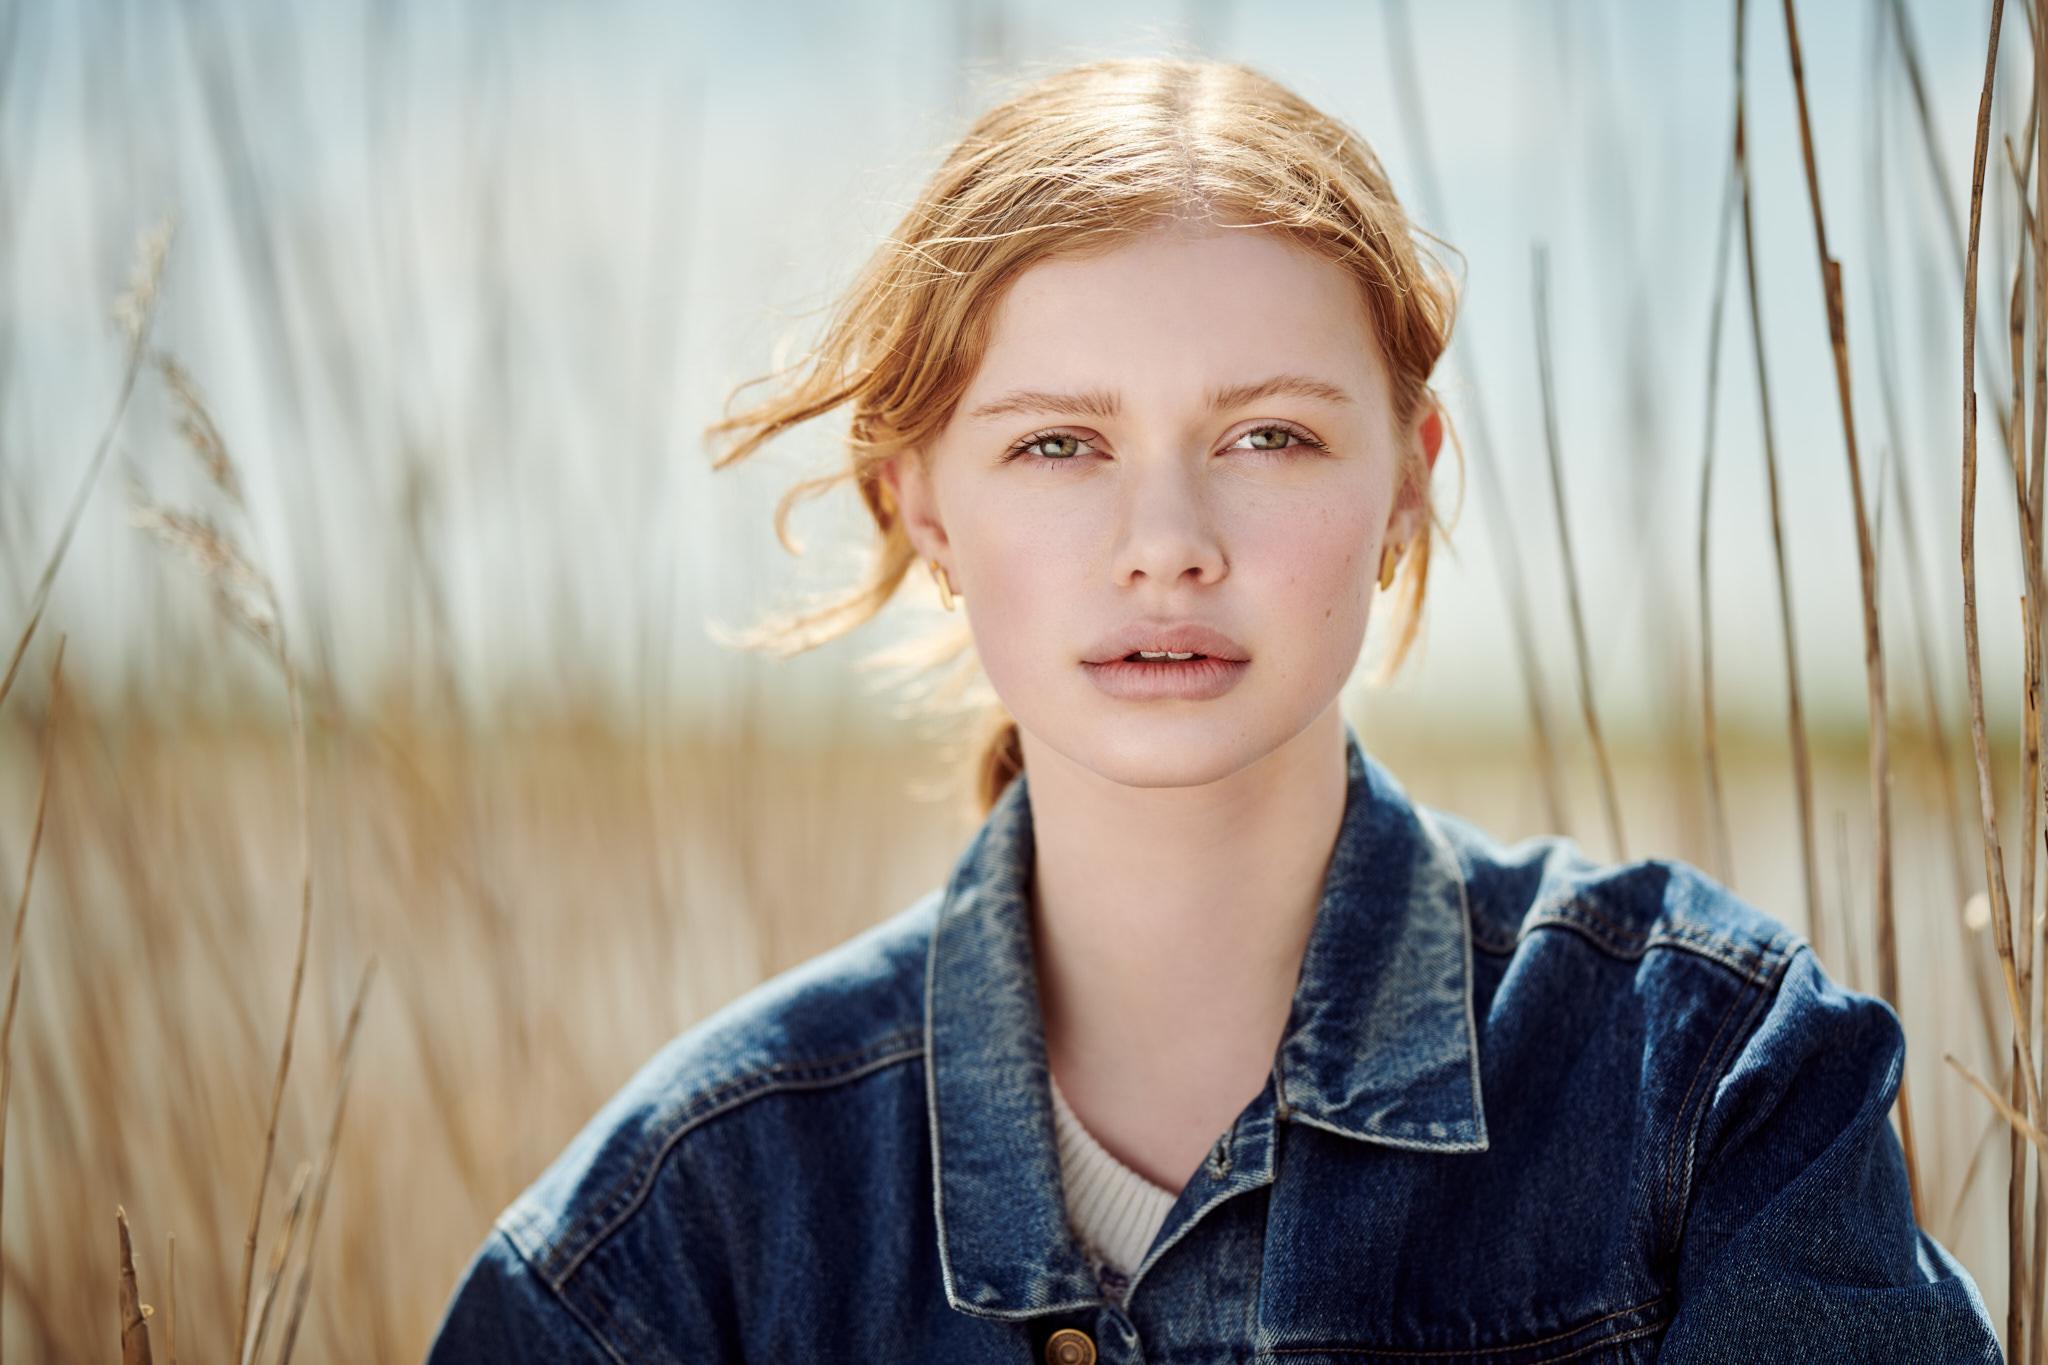 Model portræt - Århus